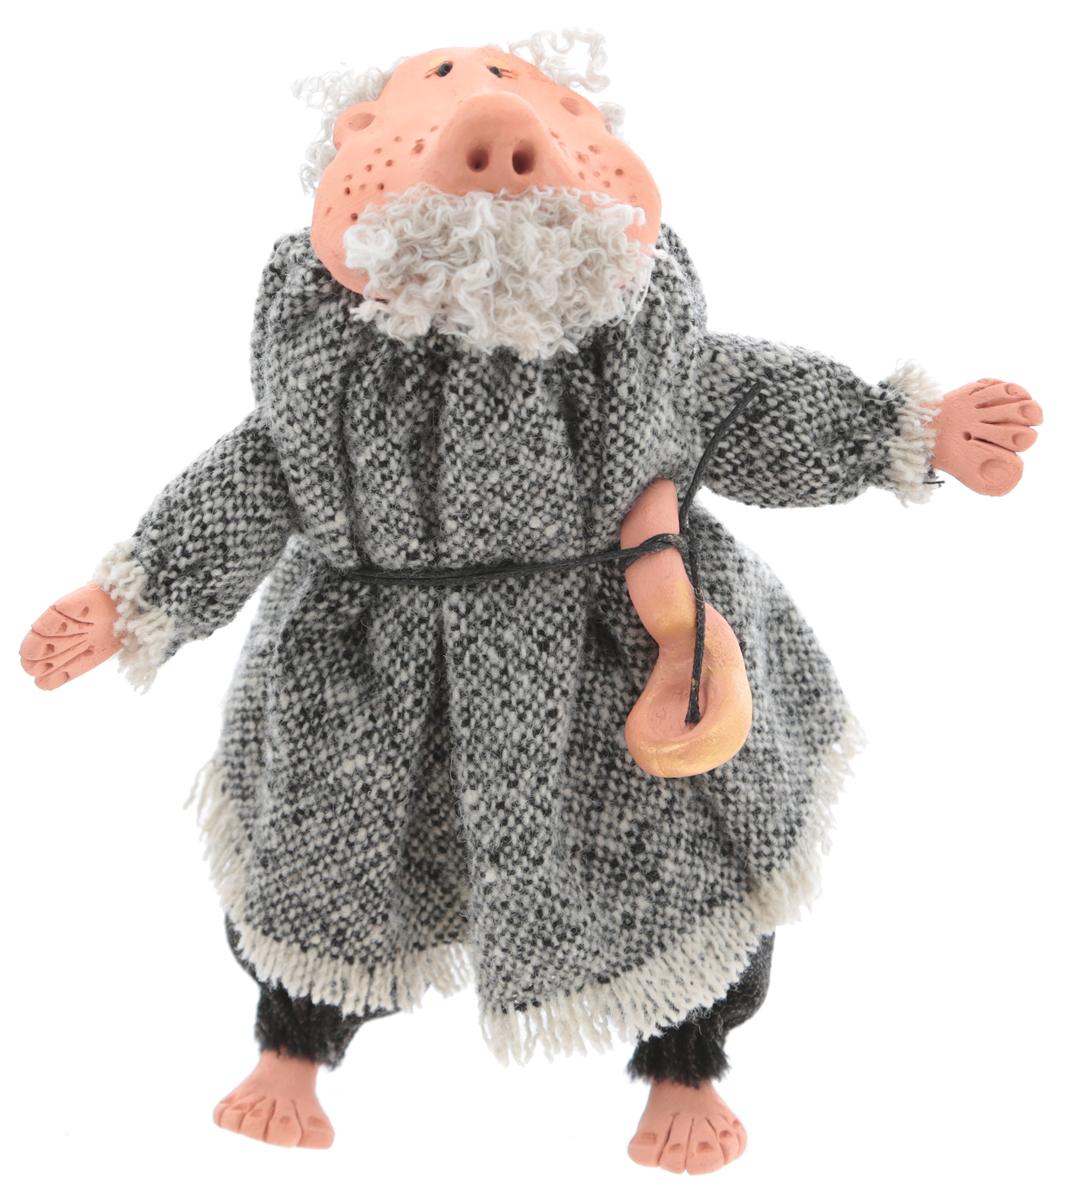 Подвесная кукла YusliQ Домовой Силантий. Авторская работа. Kyrk09 rk 646 кукла подвесная матрена 1105874